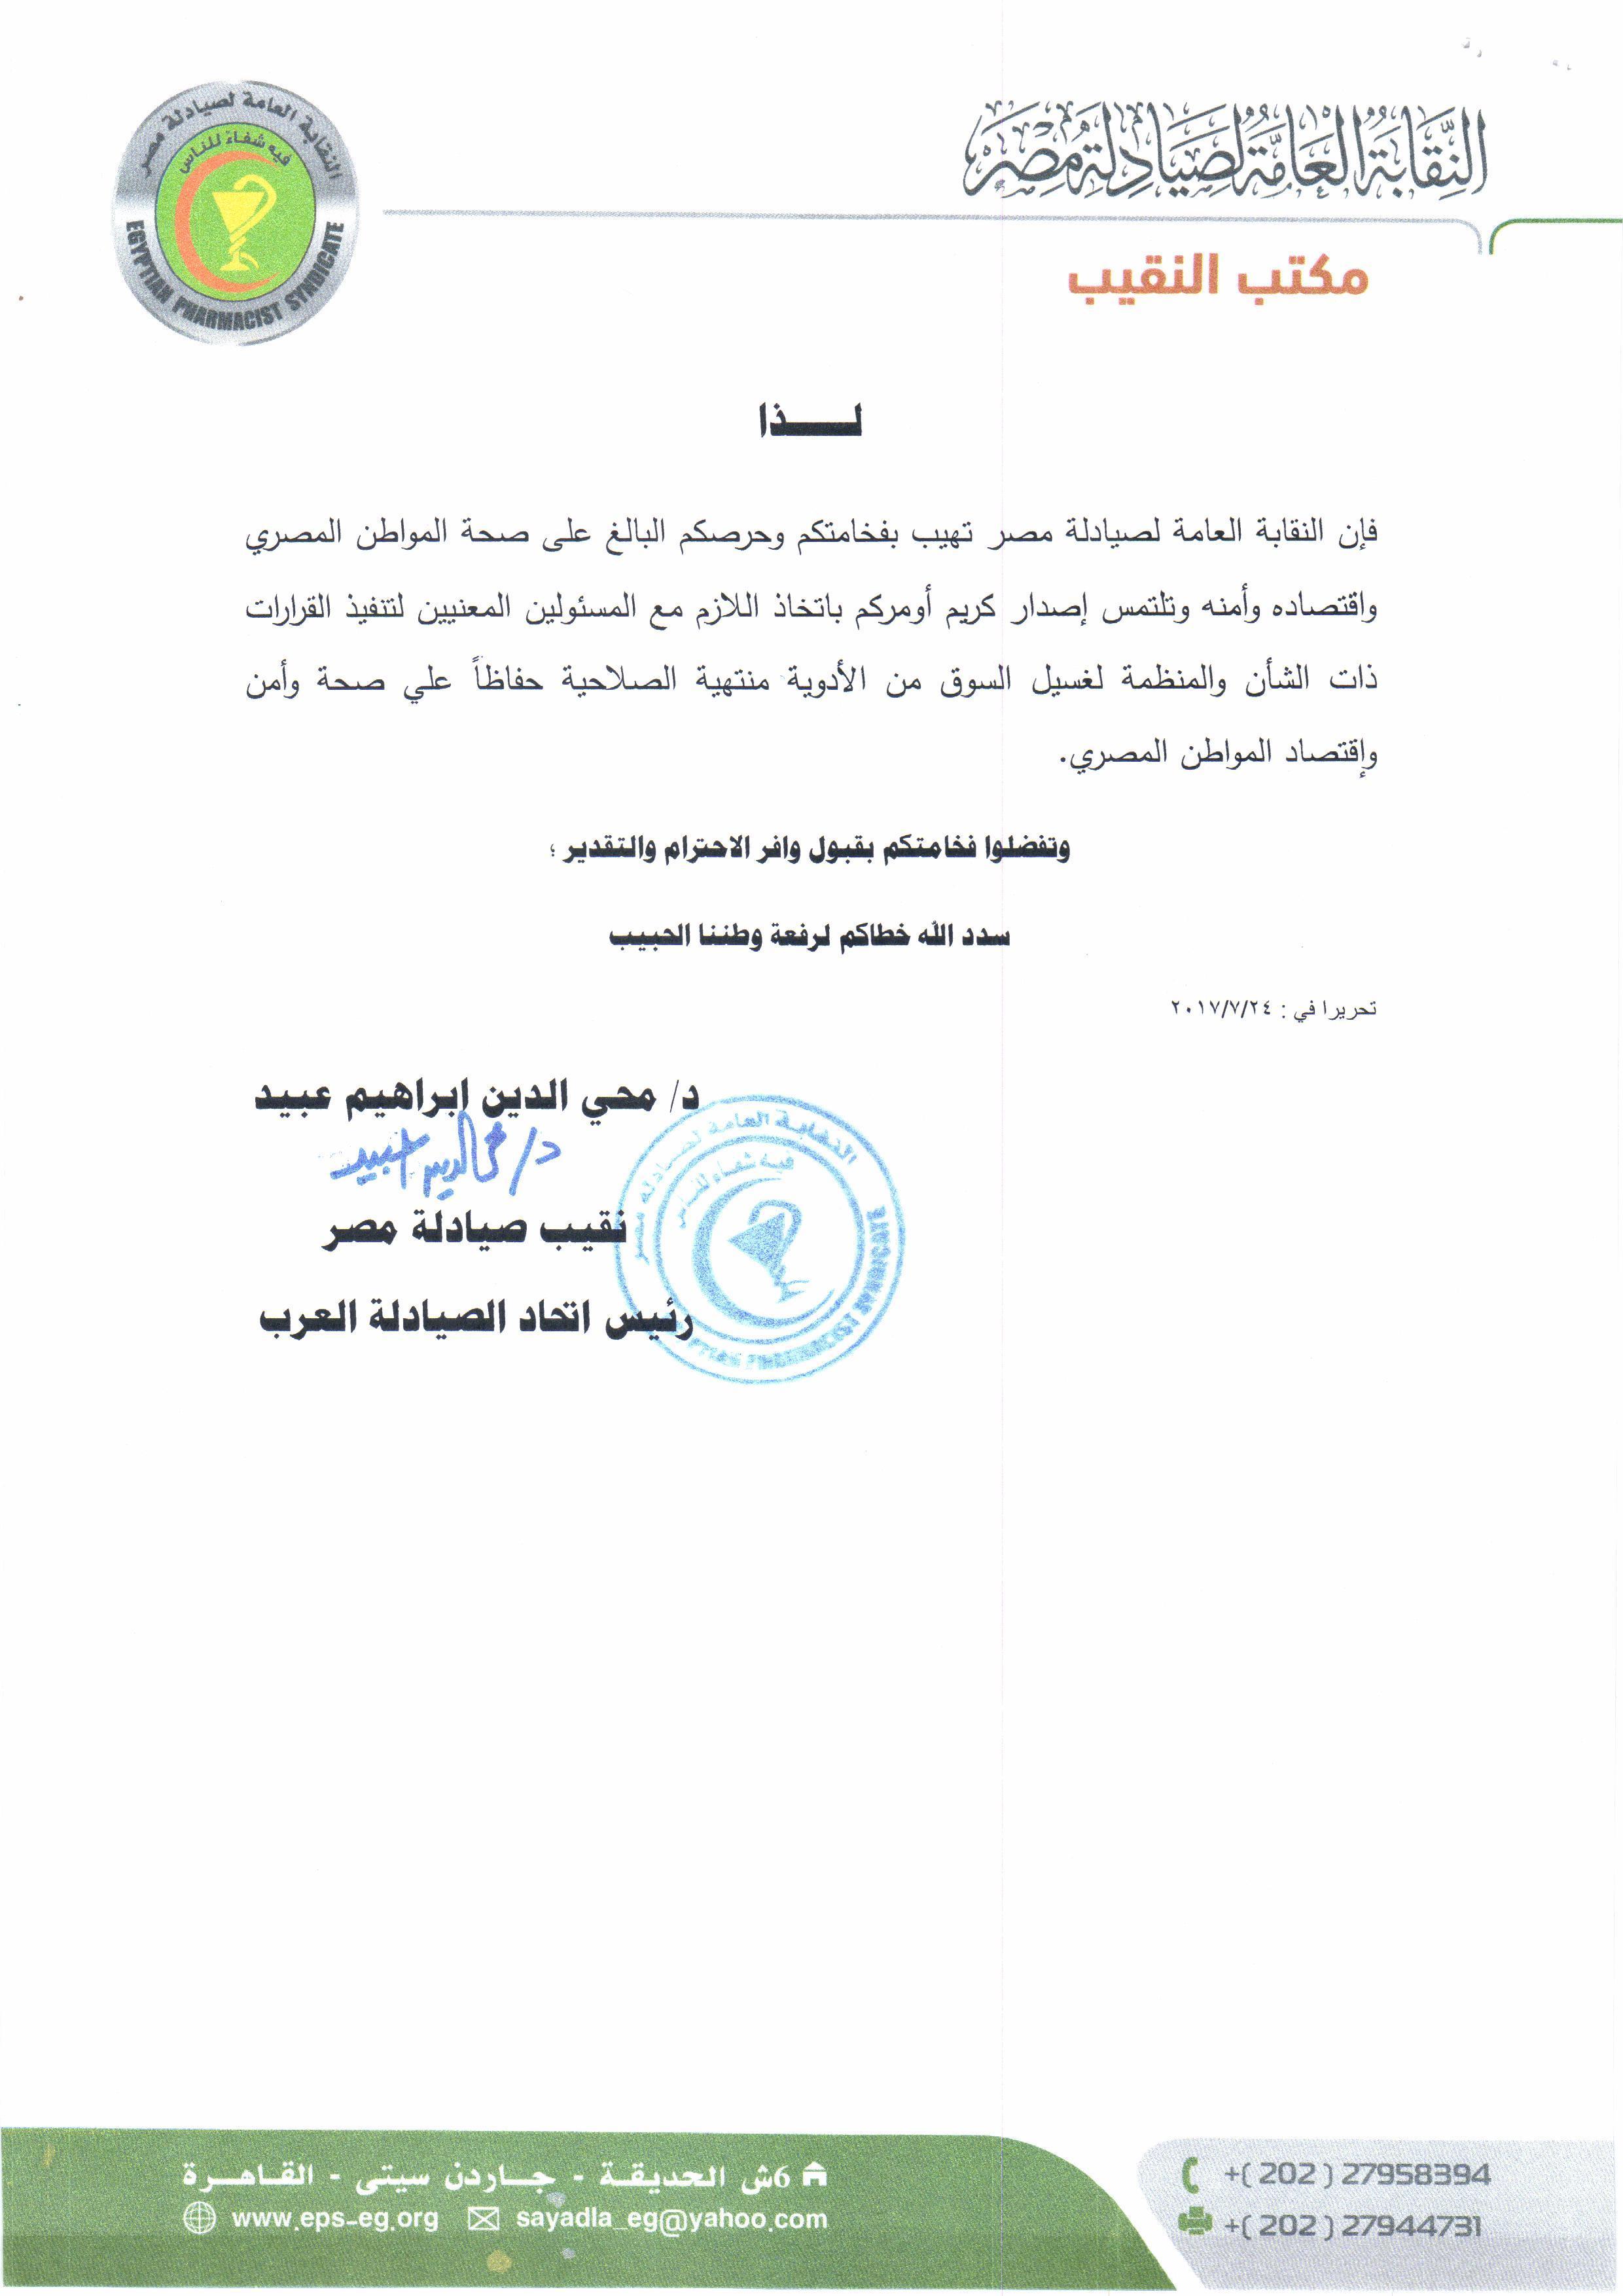 مذكرة نقيب الصيادلة للرئاسة (2)